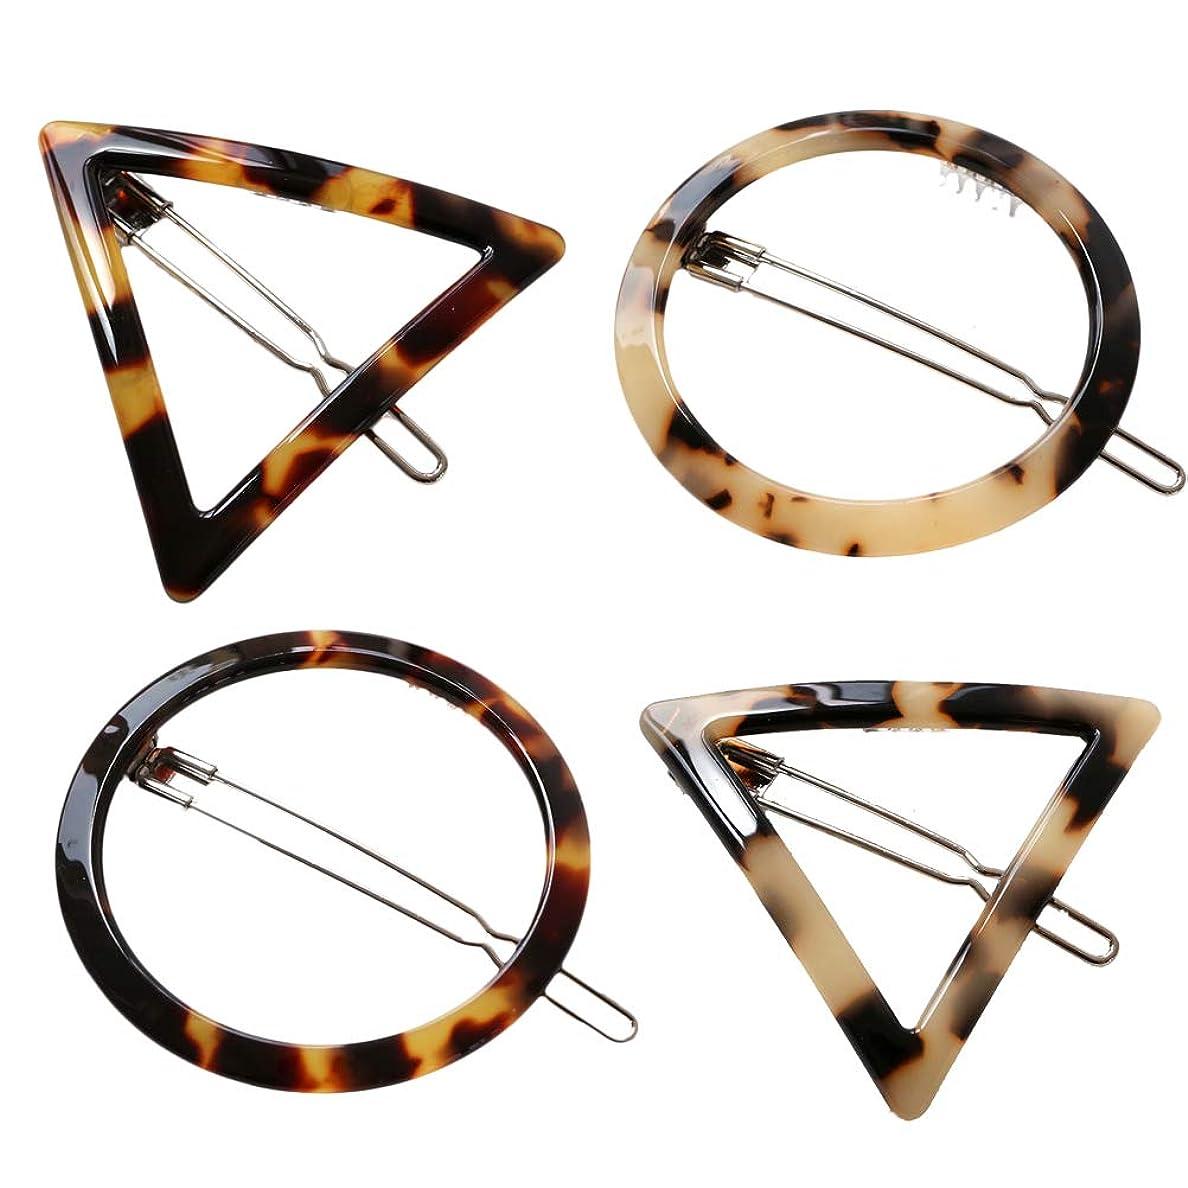 持参締め切りどちらかLURROSE 4本のアクリルのヘアクリップ幾何学的なヘアピンバングクリップ三角の丸いヒョウの髪飾り(丸型ダークヒョウ、丸型の光ヒョウ、三角型の光ヒョウ、各1個)